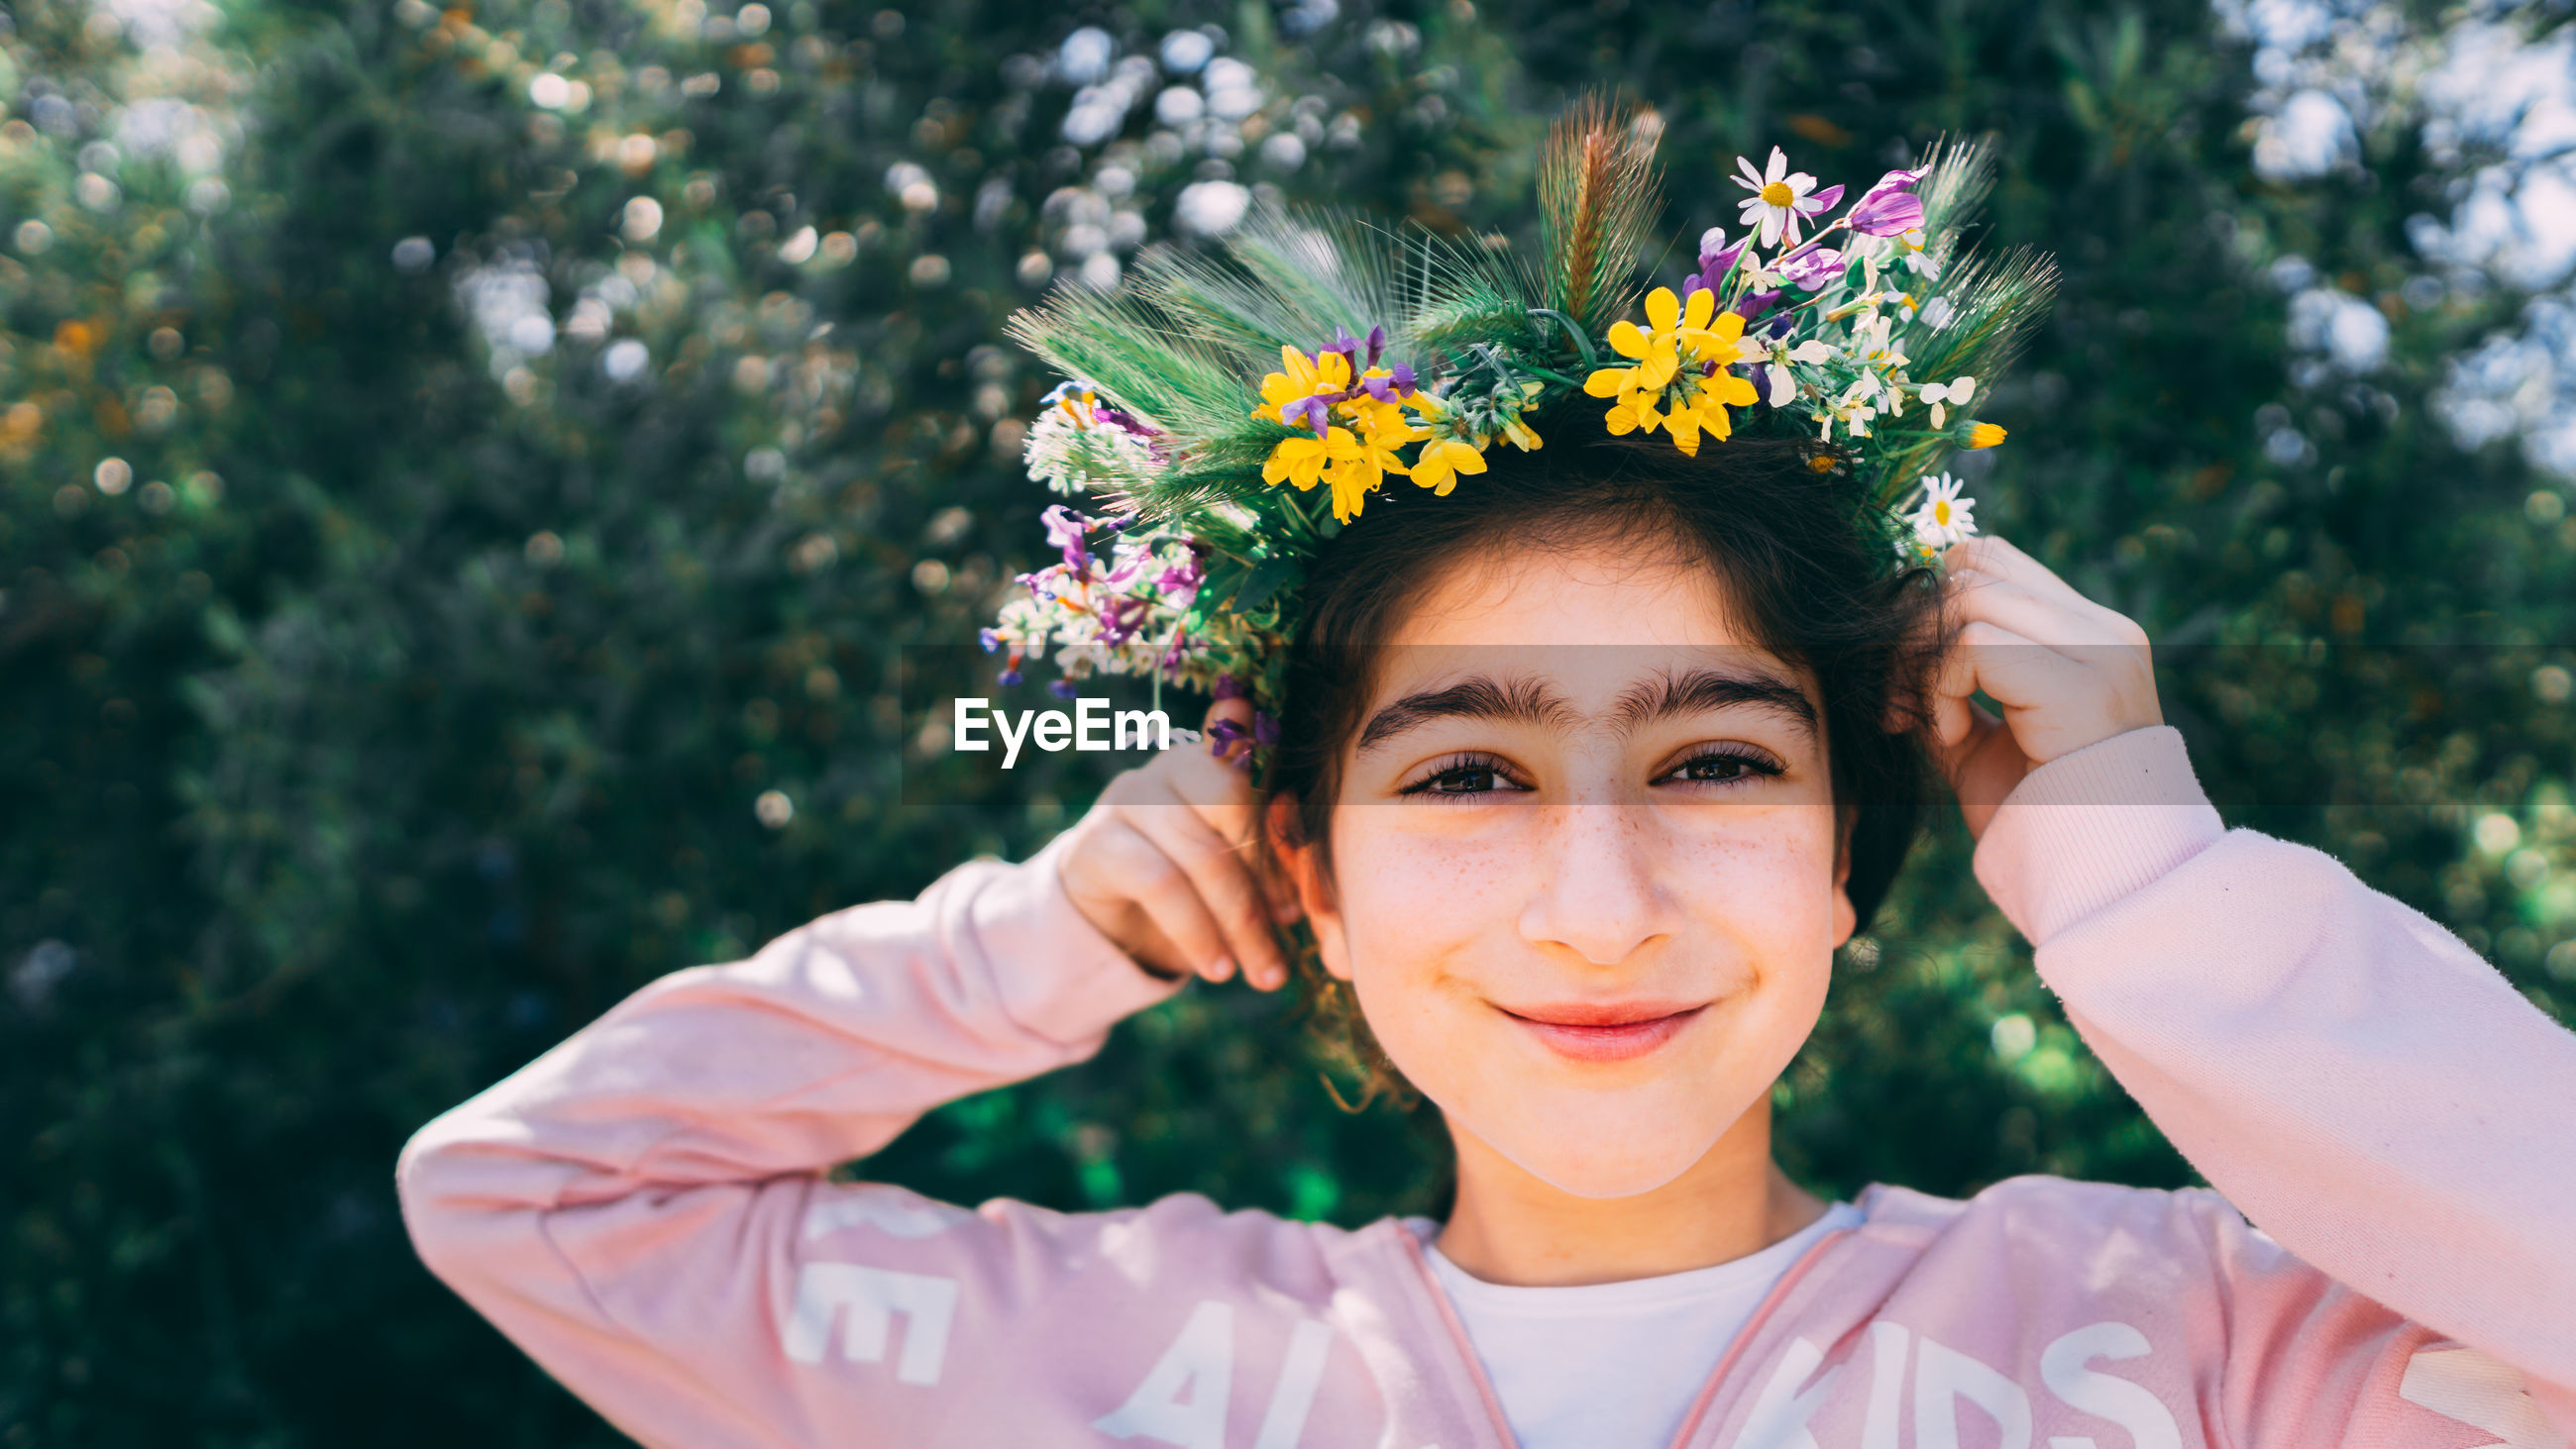 Portrait of smiling girl wearing tiara